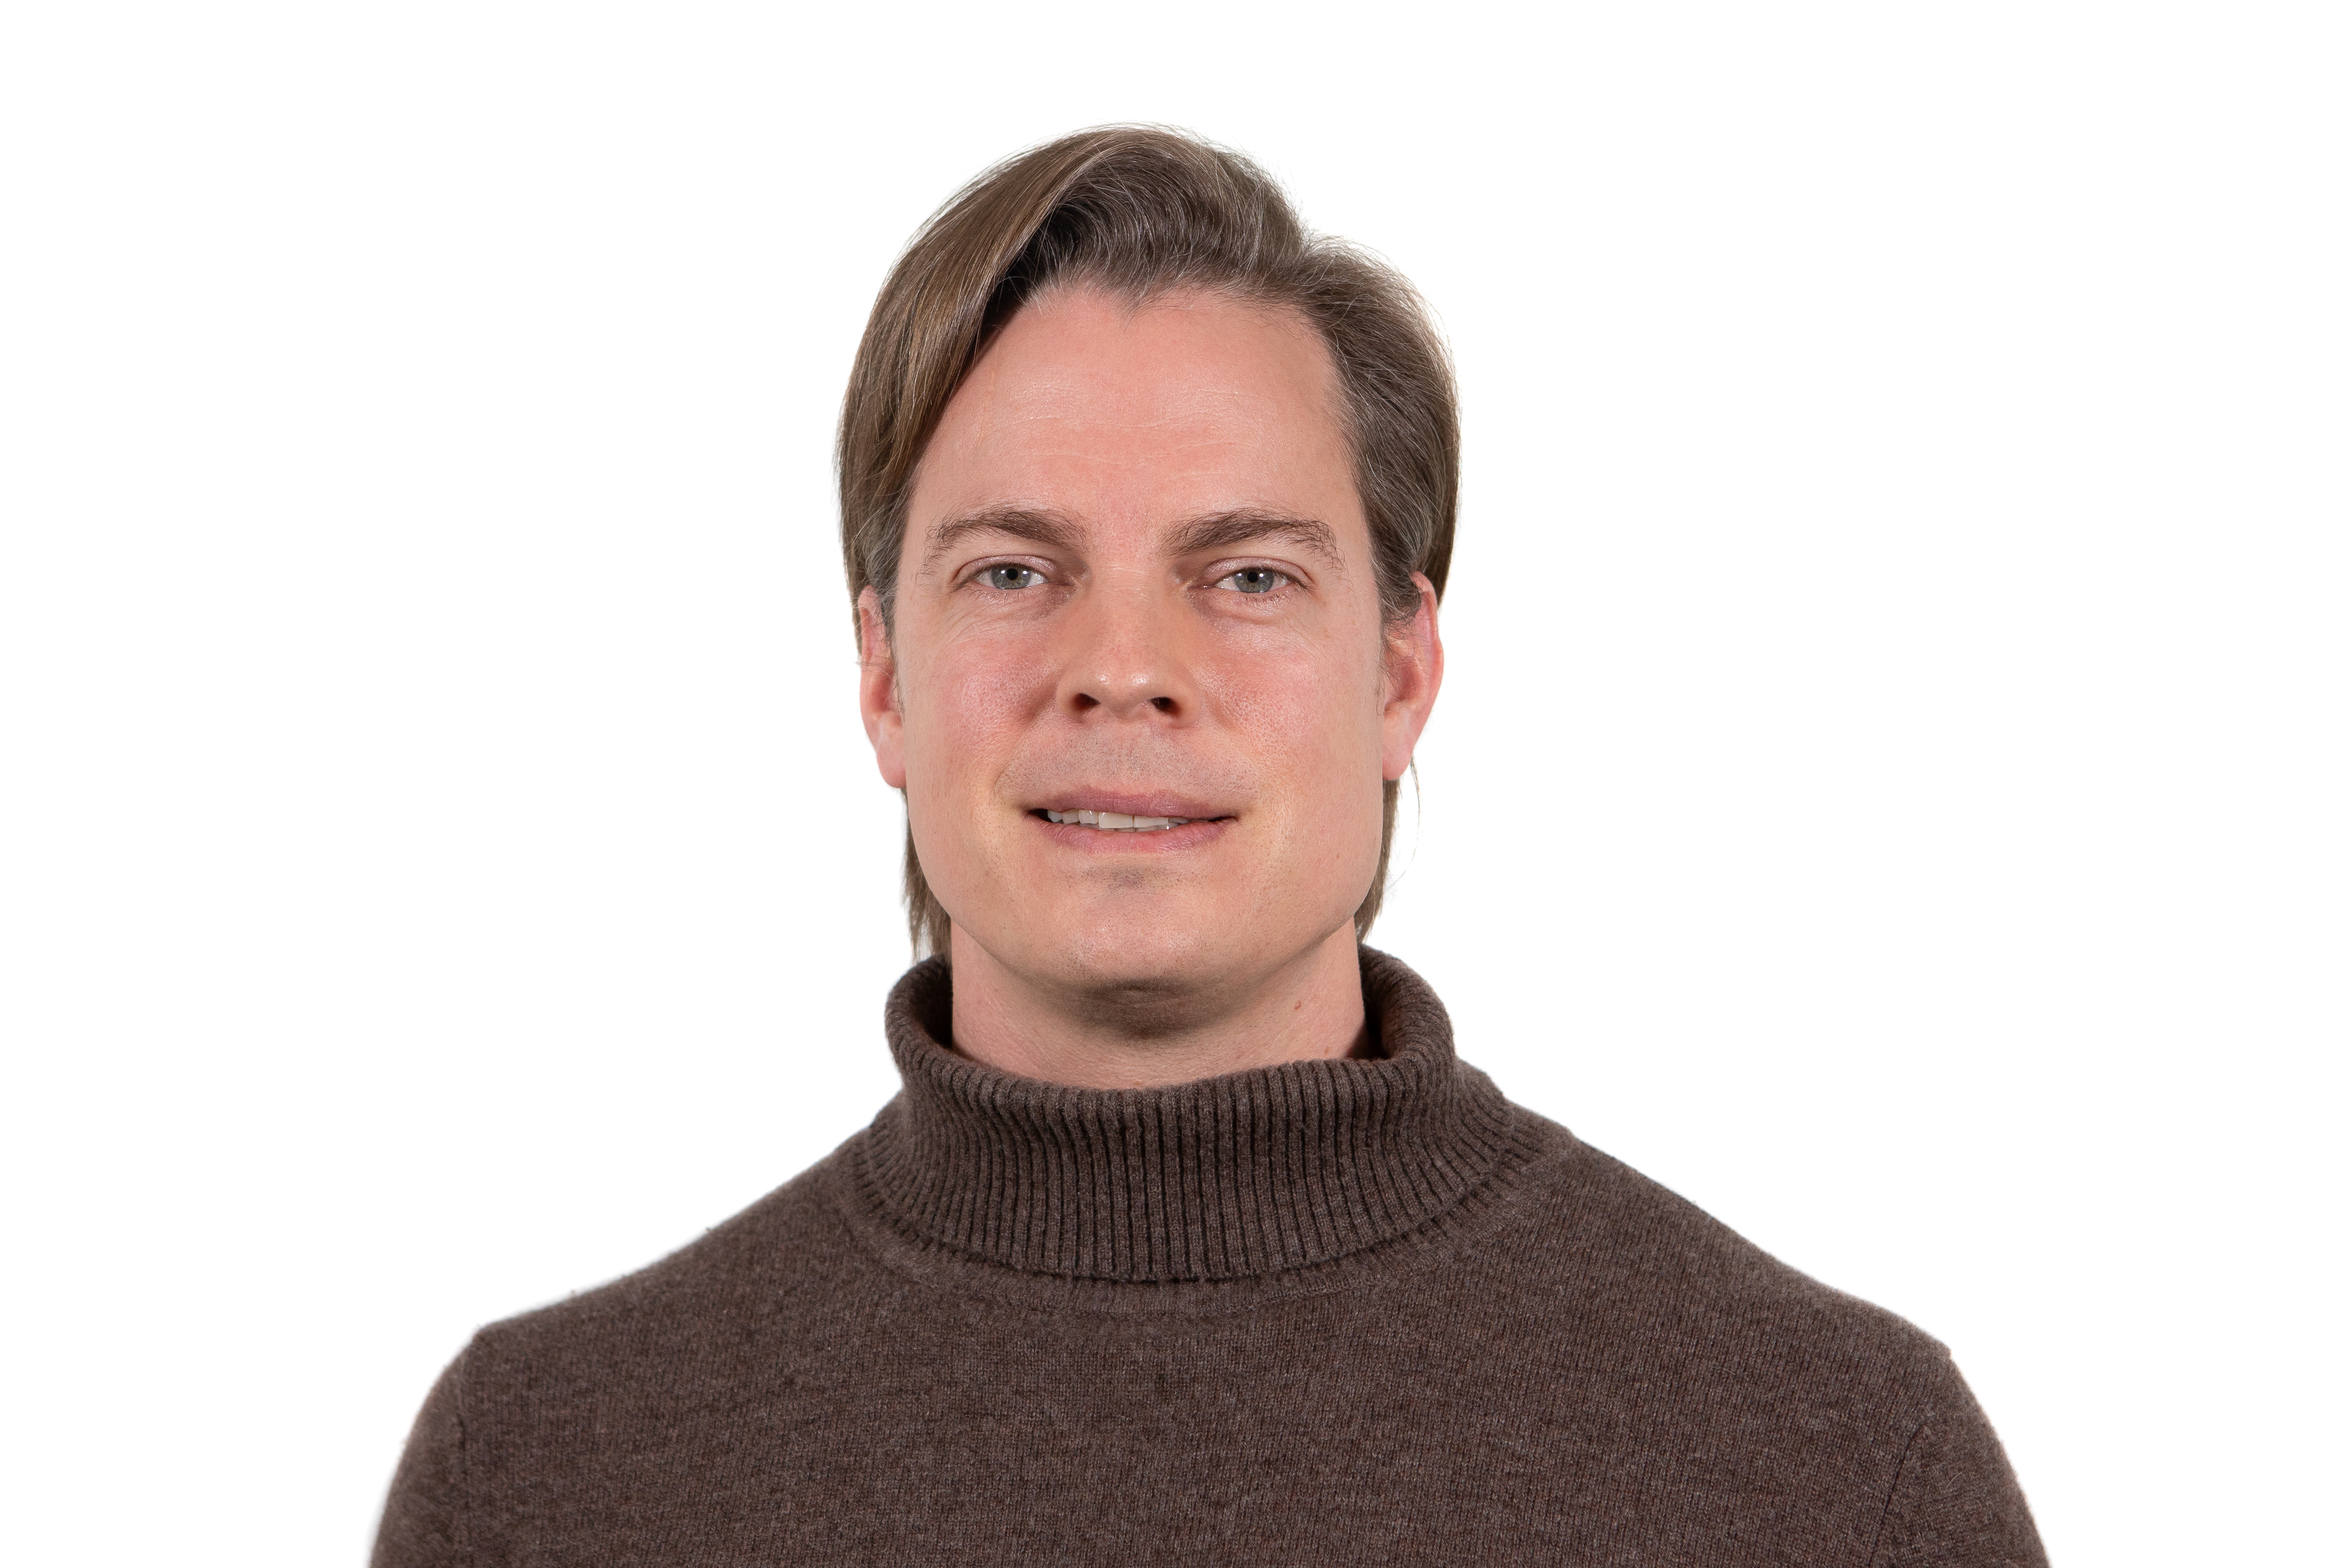 Shaun Bruwer